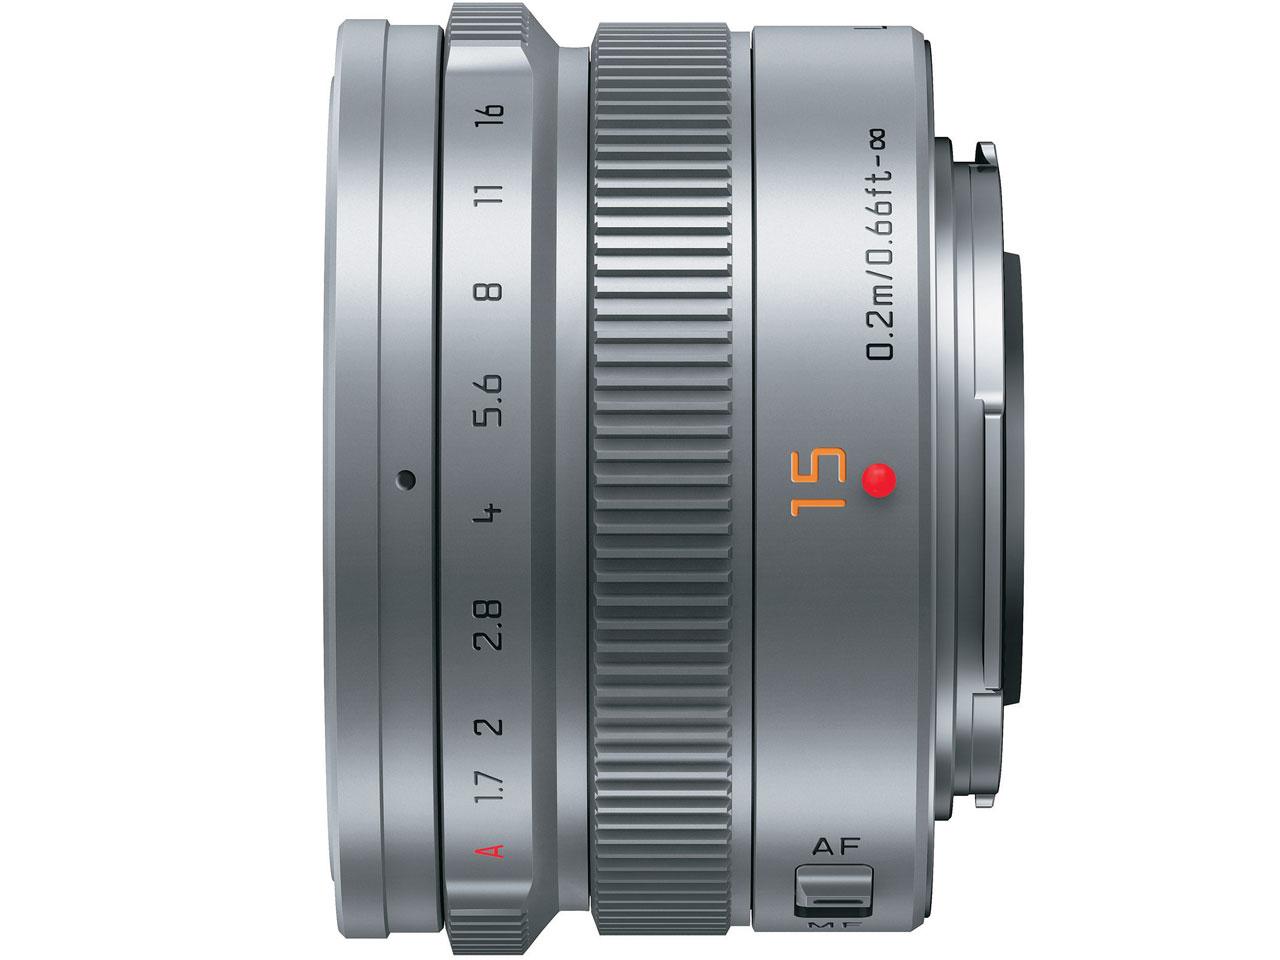 『本体 側面』 LEICA DG SUMMILUX 15mm/F1.7 ASPH. H-X015-S [シルバー] の製品画像